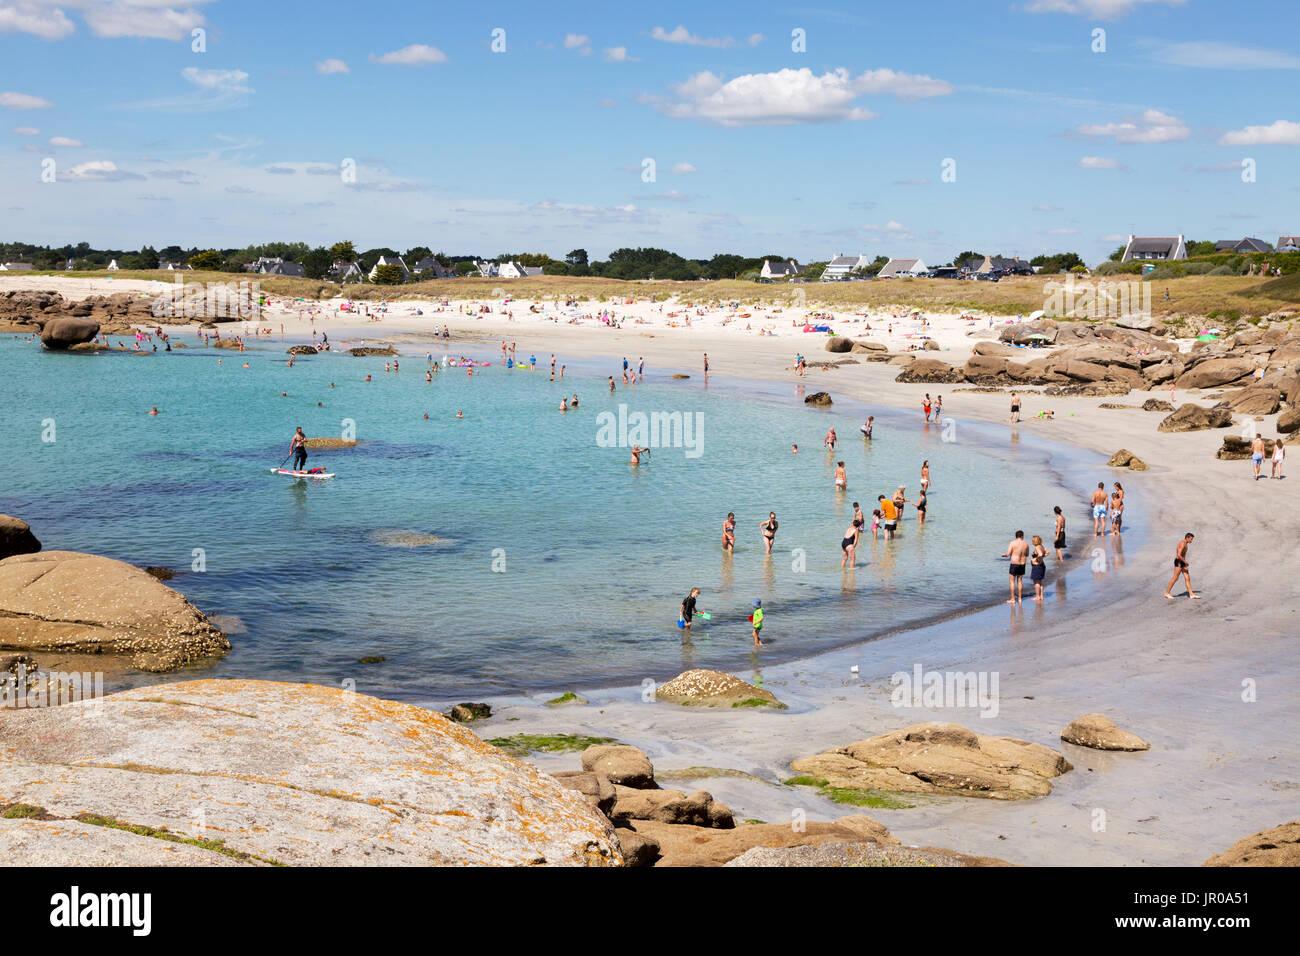 Francia - la gente en la playa tomando el sol y nadando en la playa en verano, sol, Trevignon, Finisterre, Bretaña Francia Europa Foto de stock